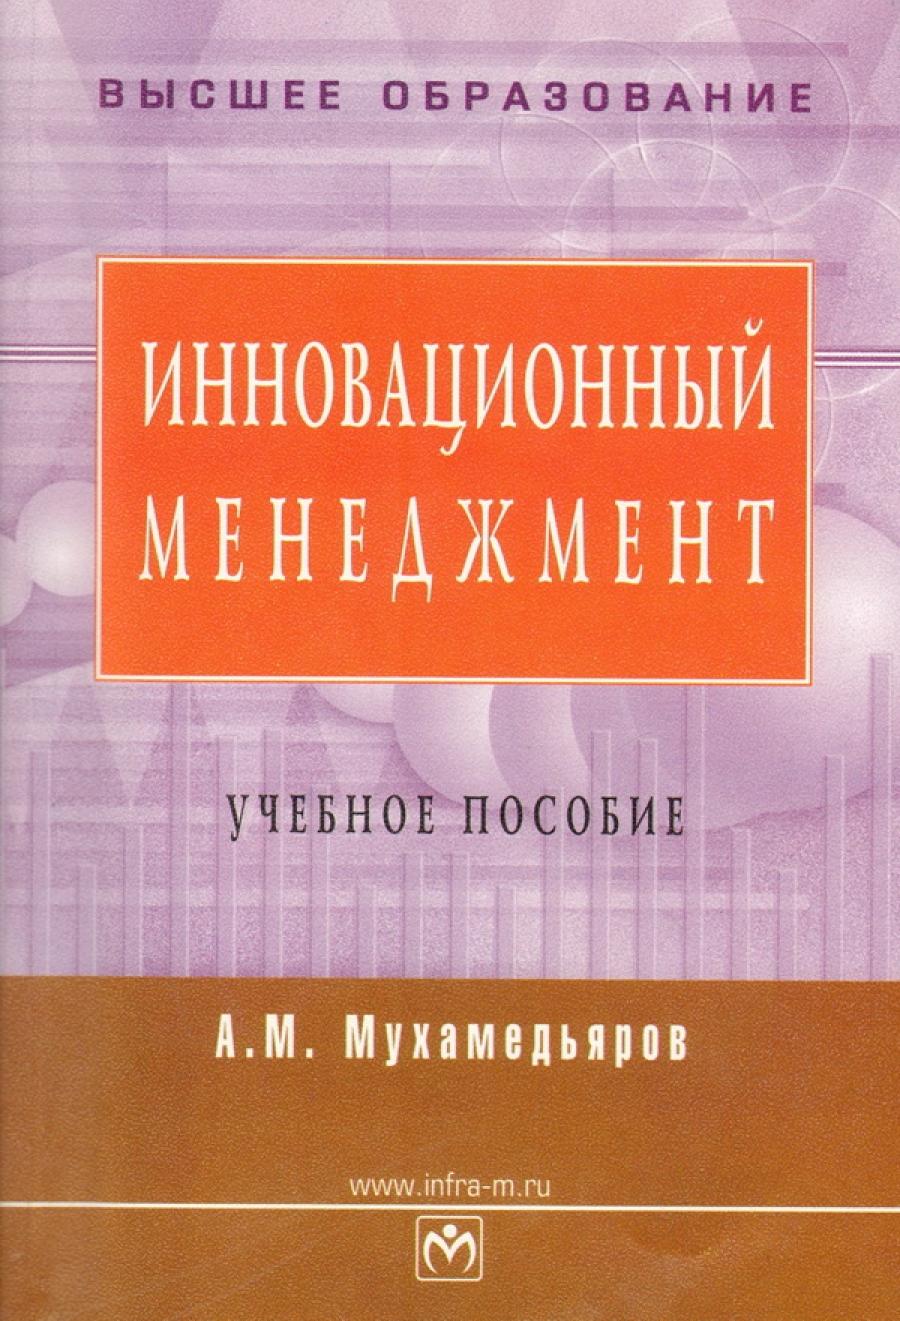 Обложка книги:  мухамедьяров а. м. - инновационный менеджмент. учебное пособие (2-е издание).